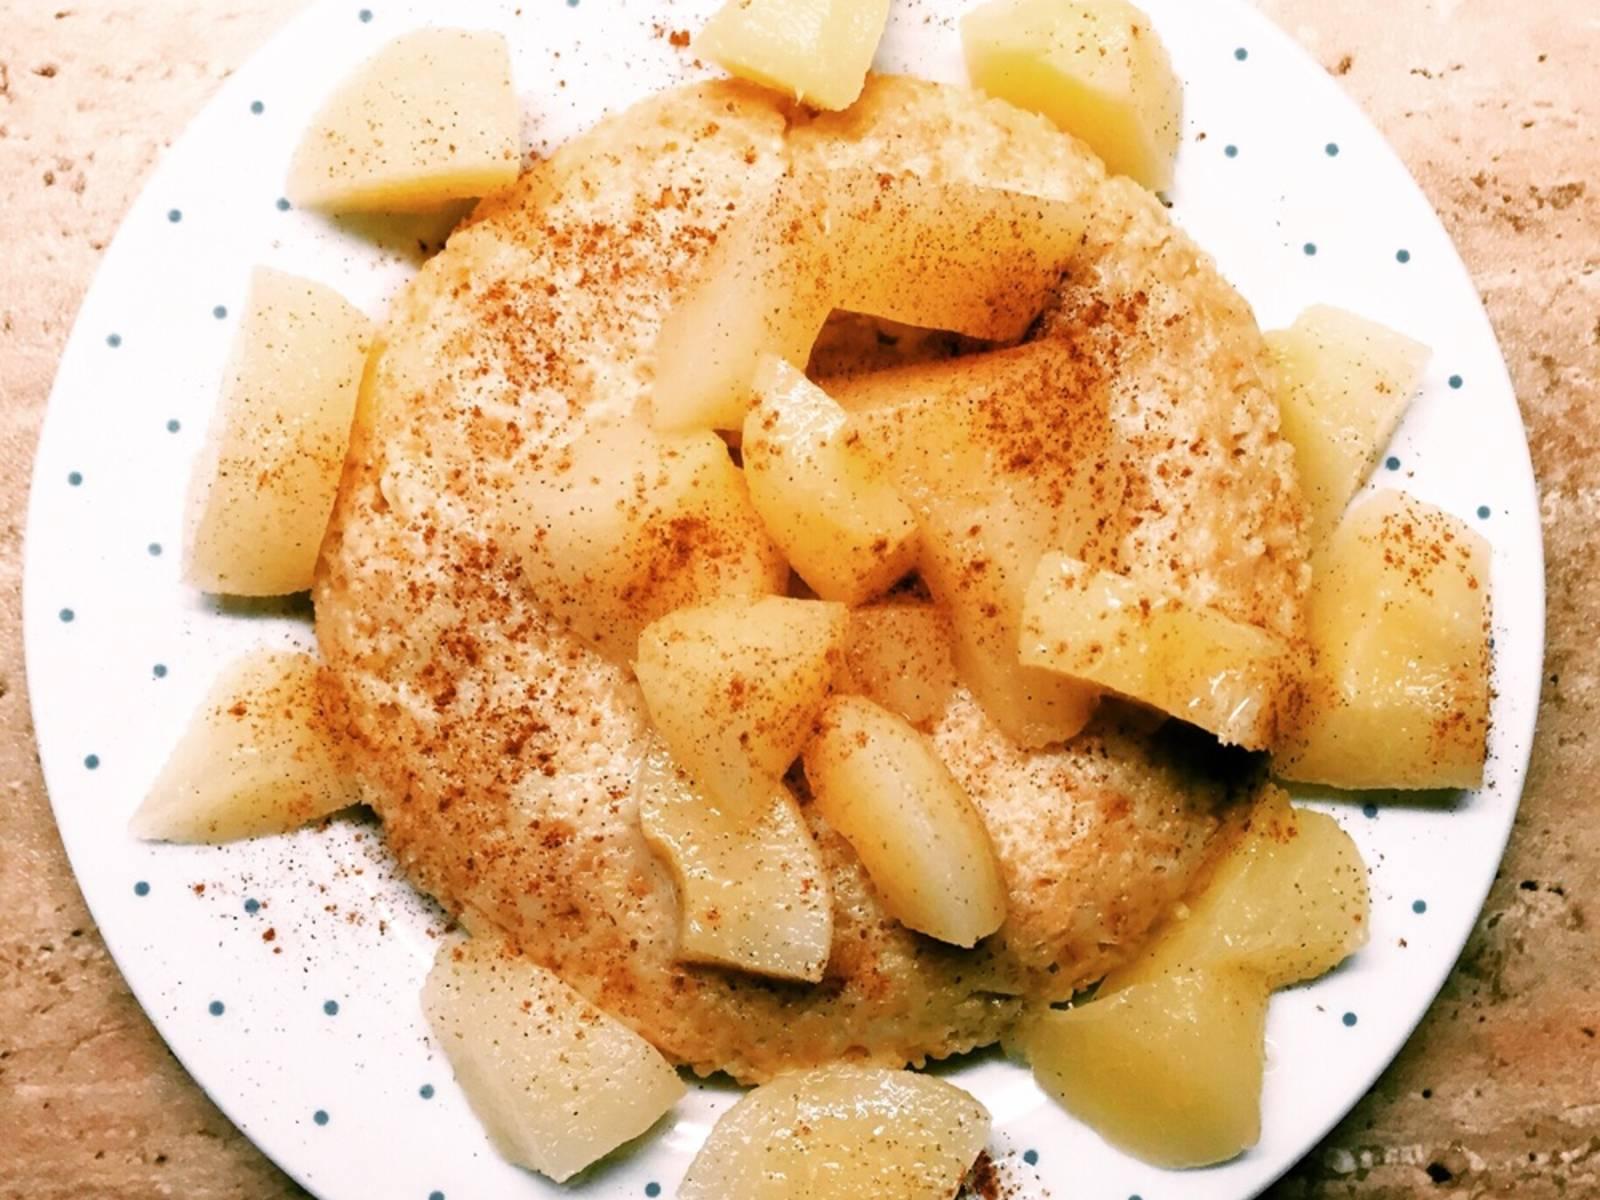 Anschließend vorsichtig aus der Schüssel auf einen Teller stürzen und nach Wahl mit Obst oder pur genießen.